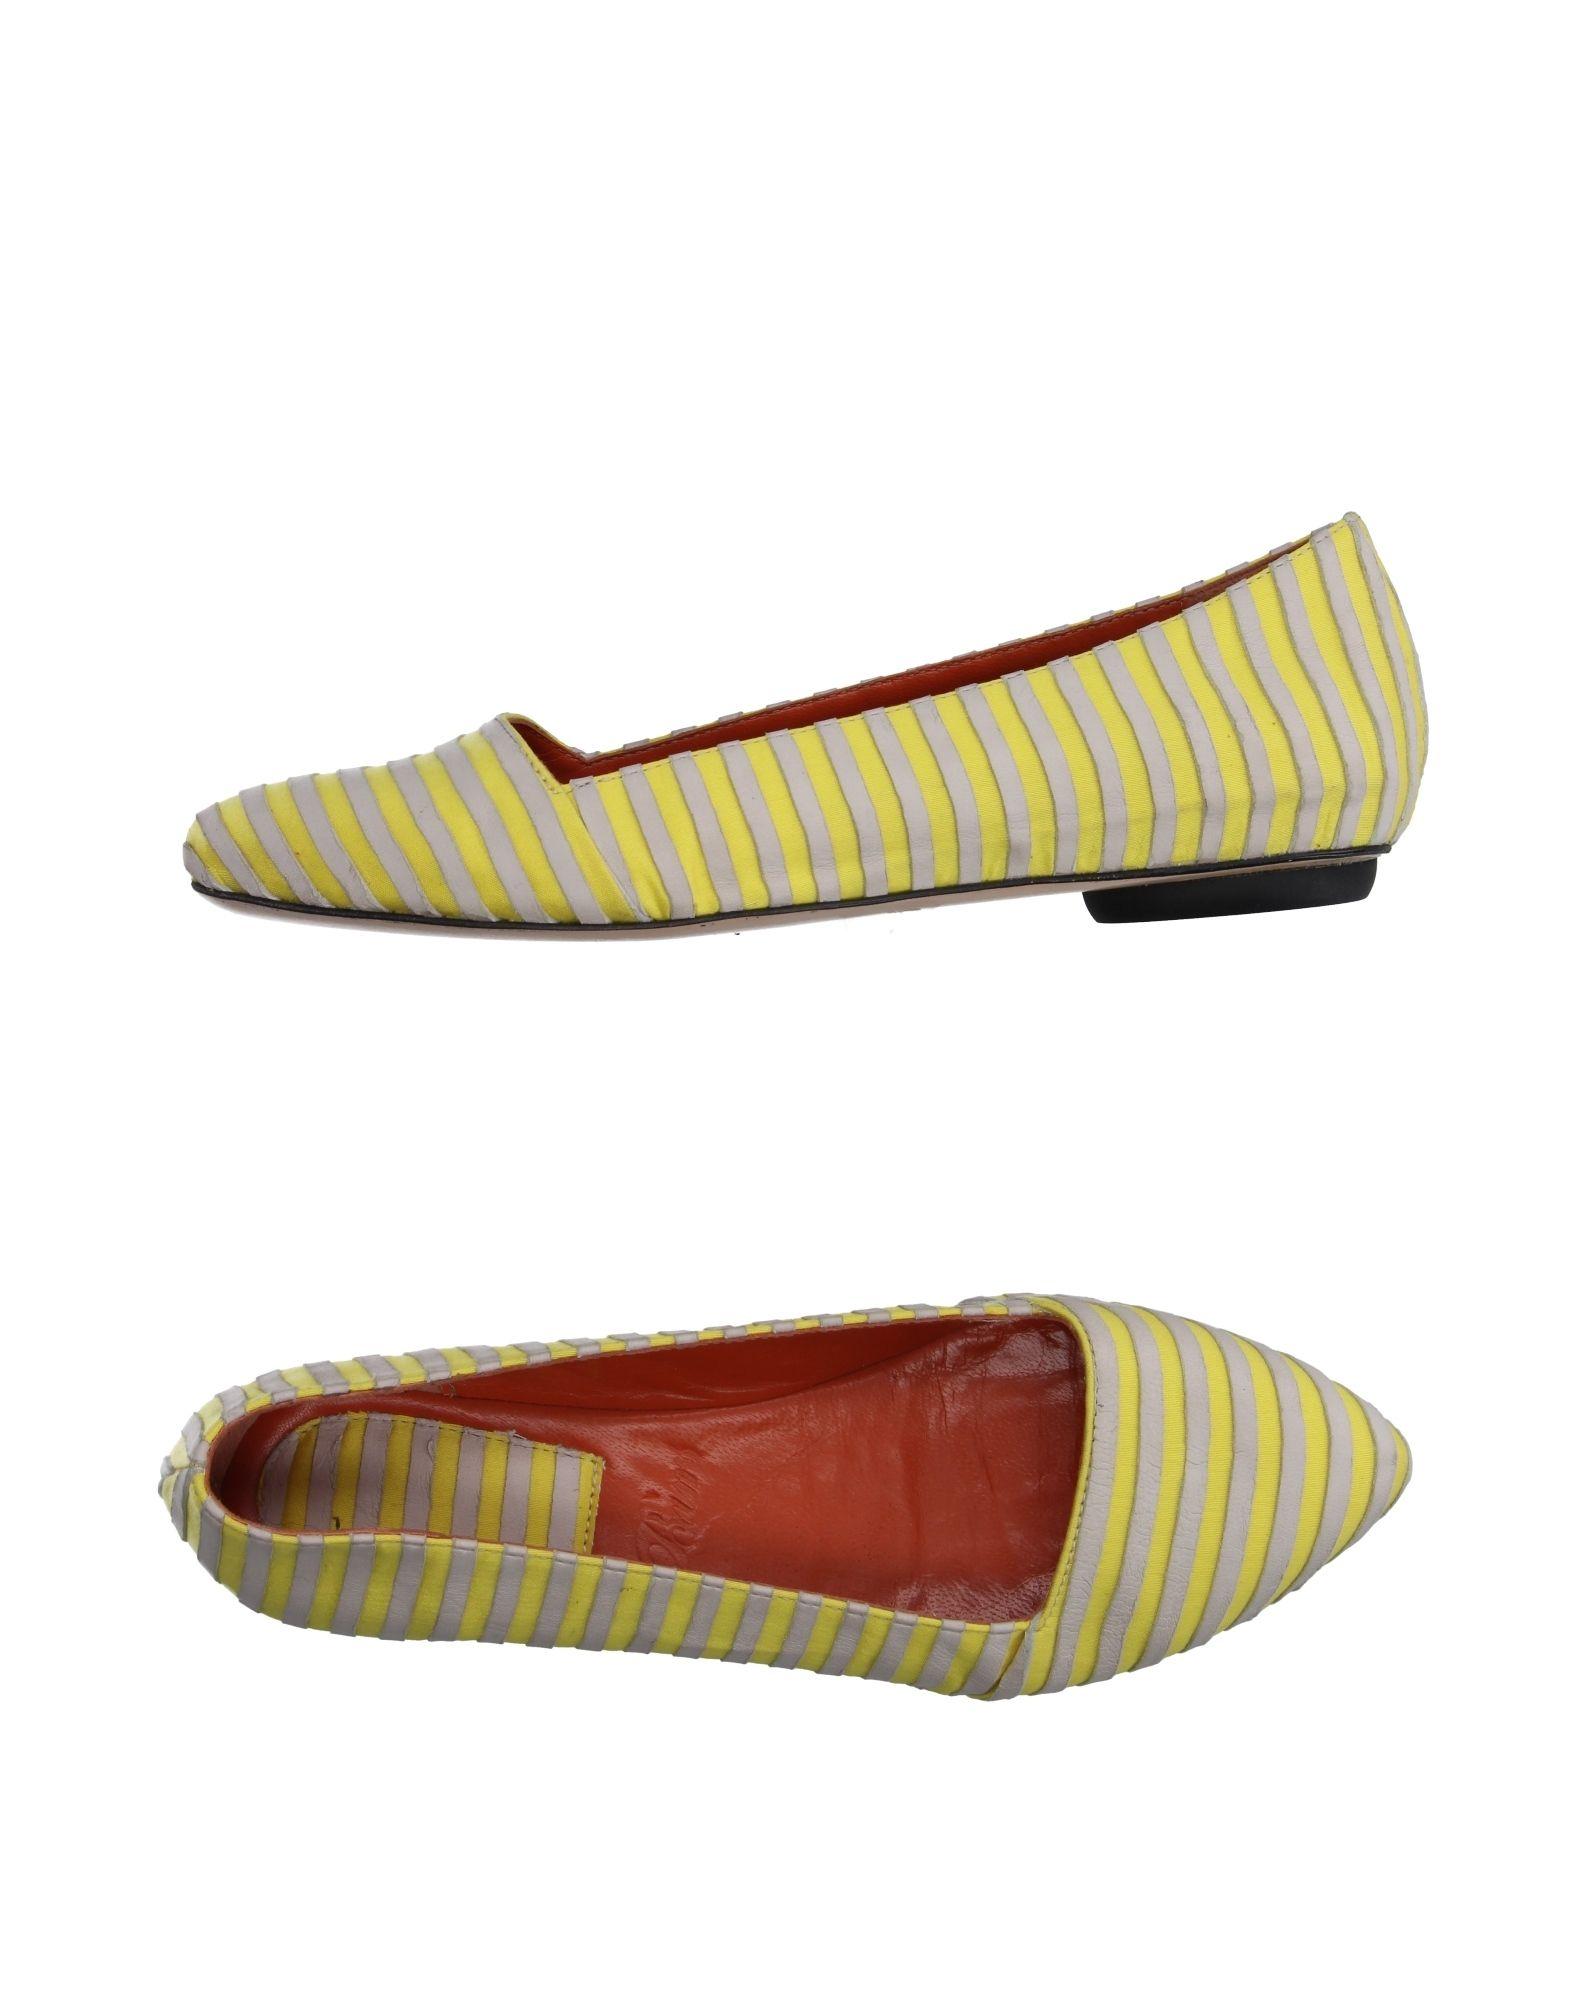 Scarpe economiche e resistenti Ballerine Bams Donna - 11130636DS